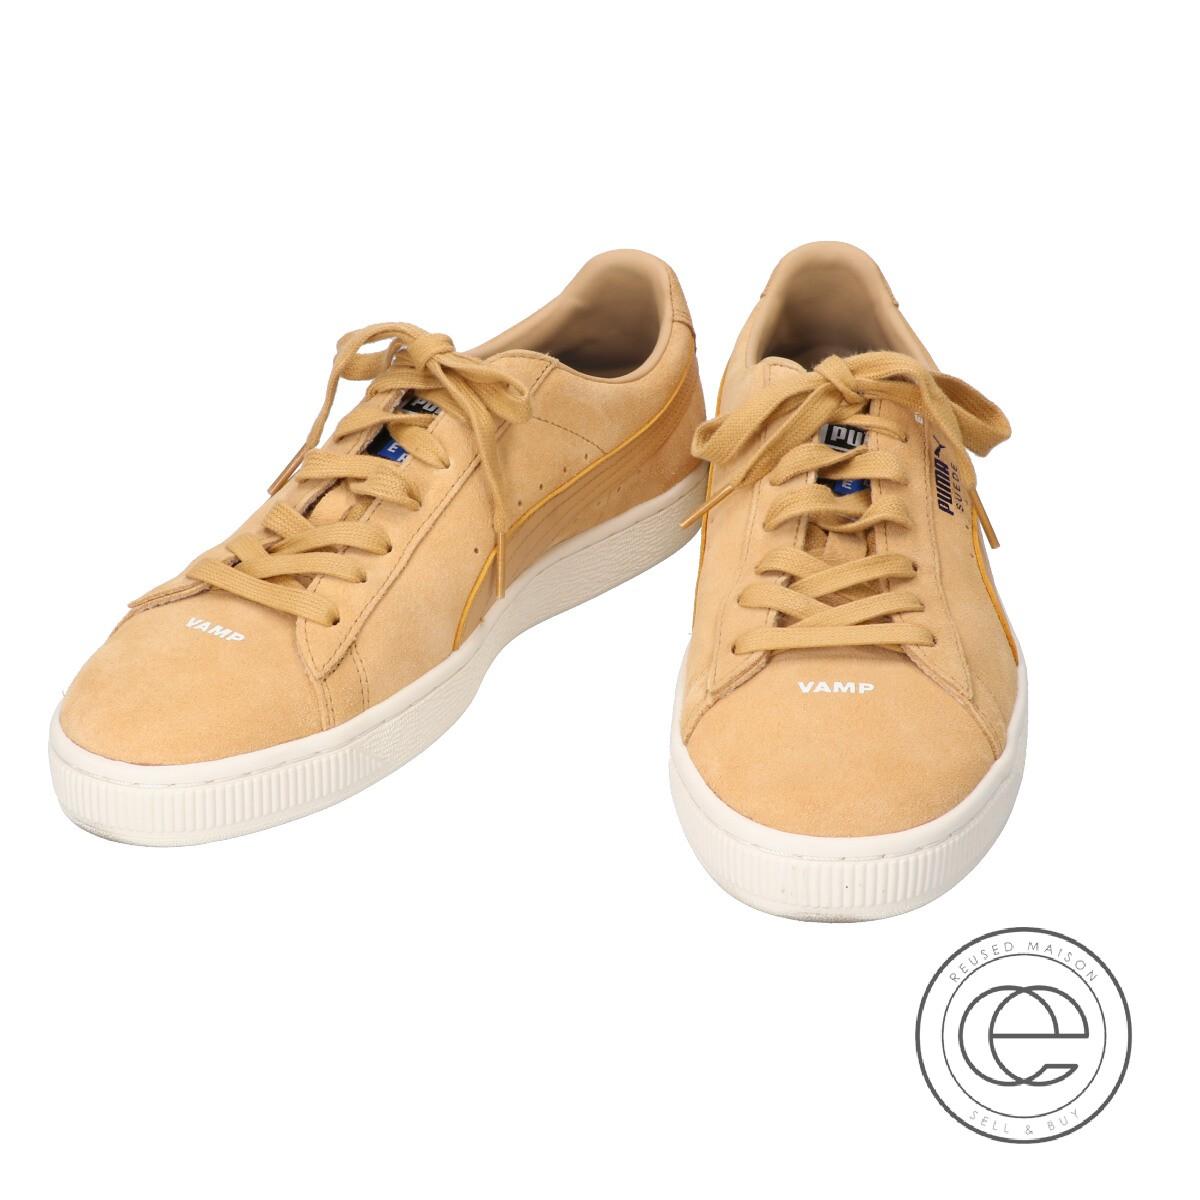 PUMA Puma 367195 02 SUEDE ADER ERROR suede sneakers shoes 27 camel men